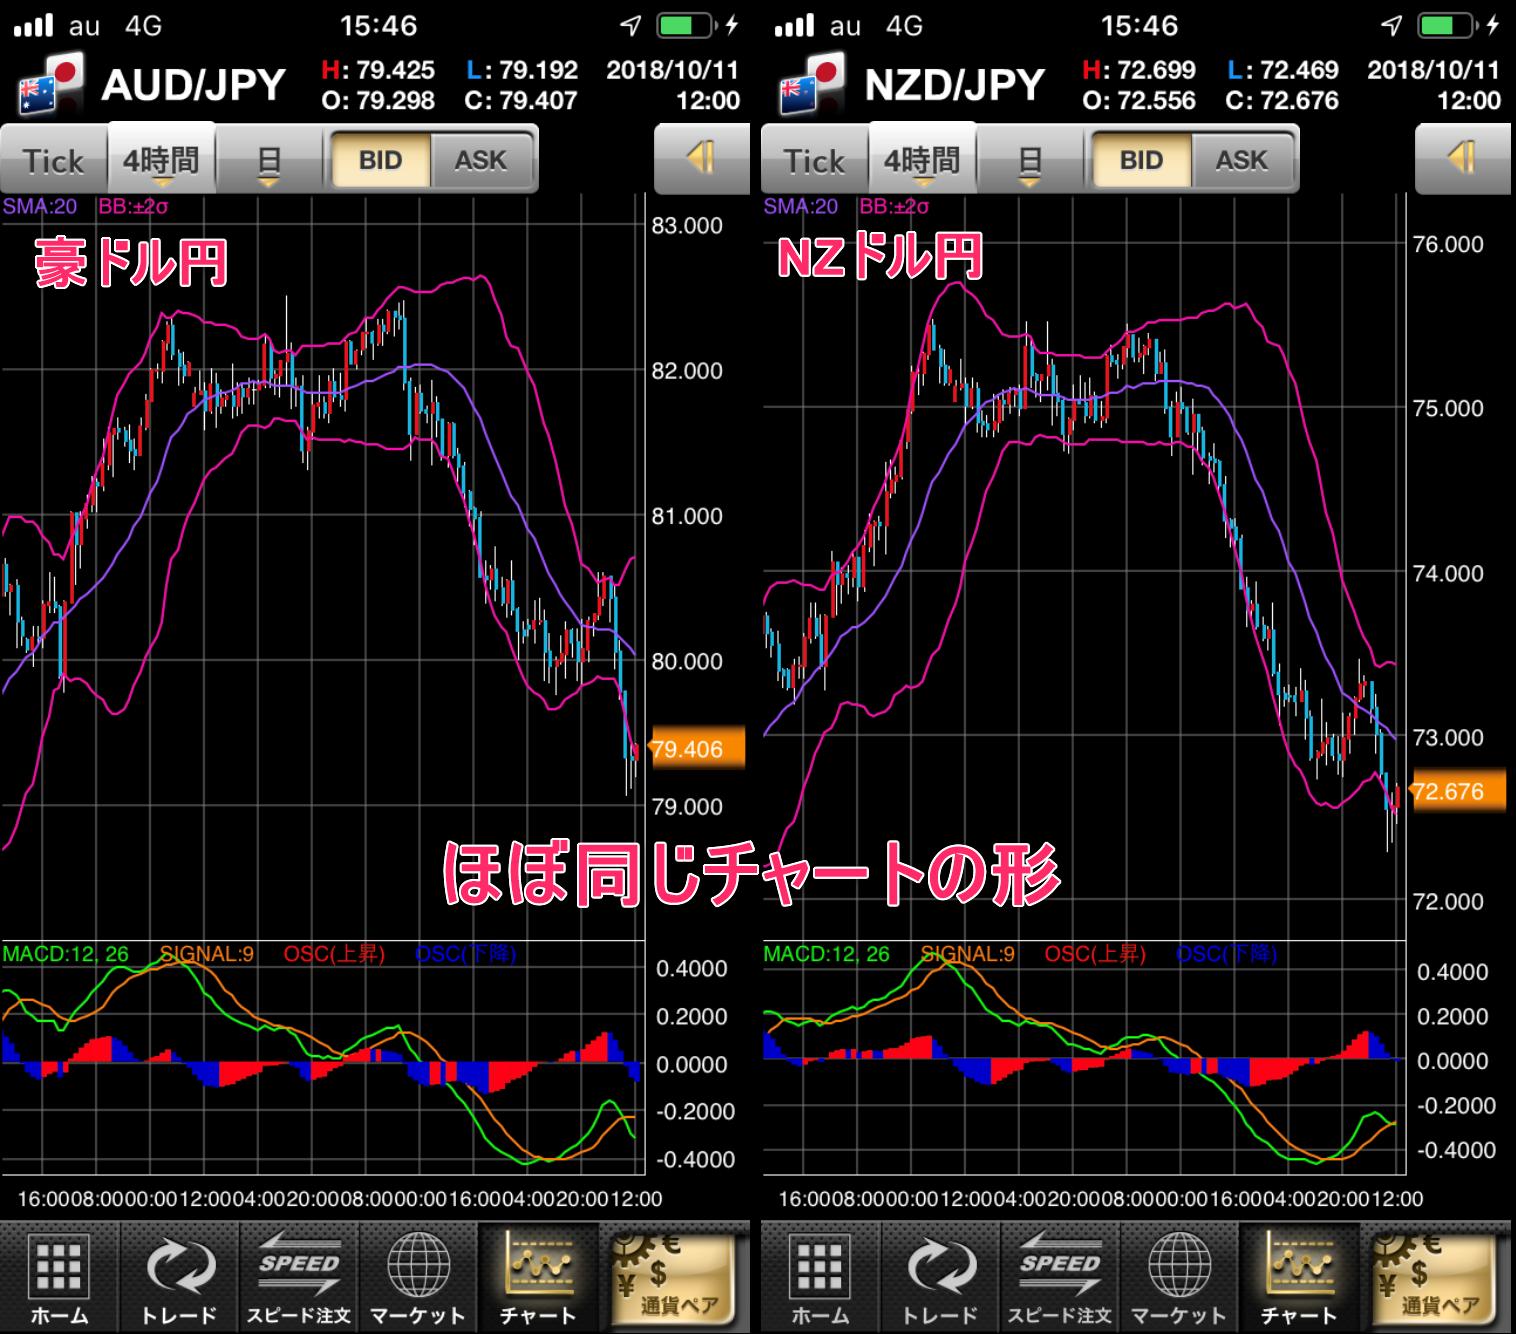 豪ドルとNZドルのチャート比較